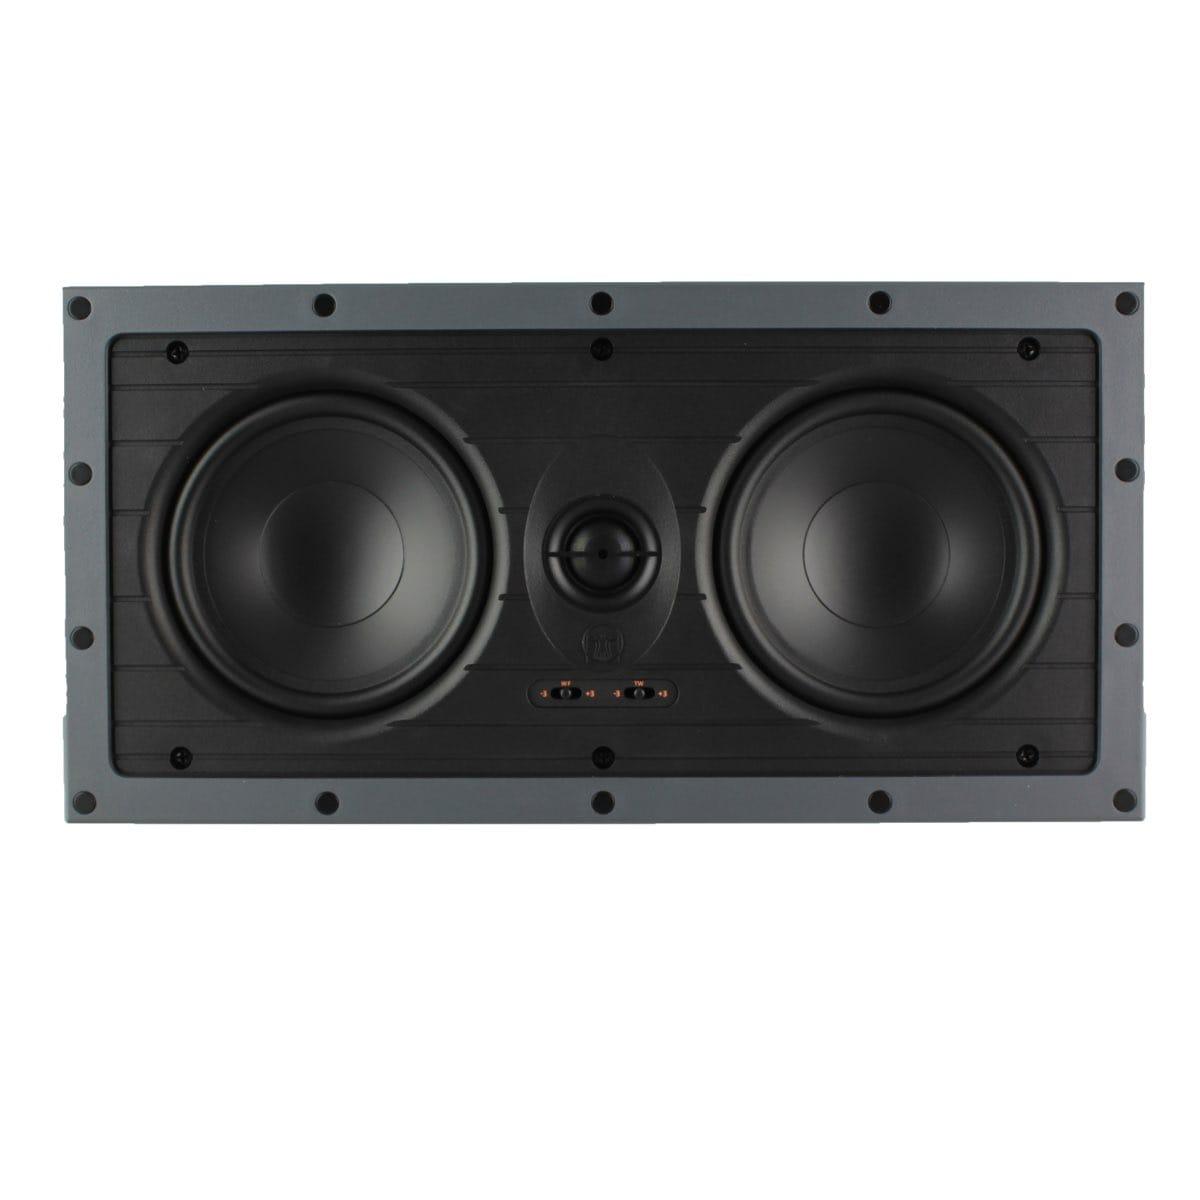 tdg audio nflcr 51 einbaulautsprecher. Black Bedroom Furniture Sets. Home Design Ideas